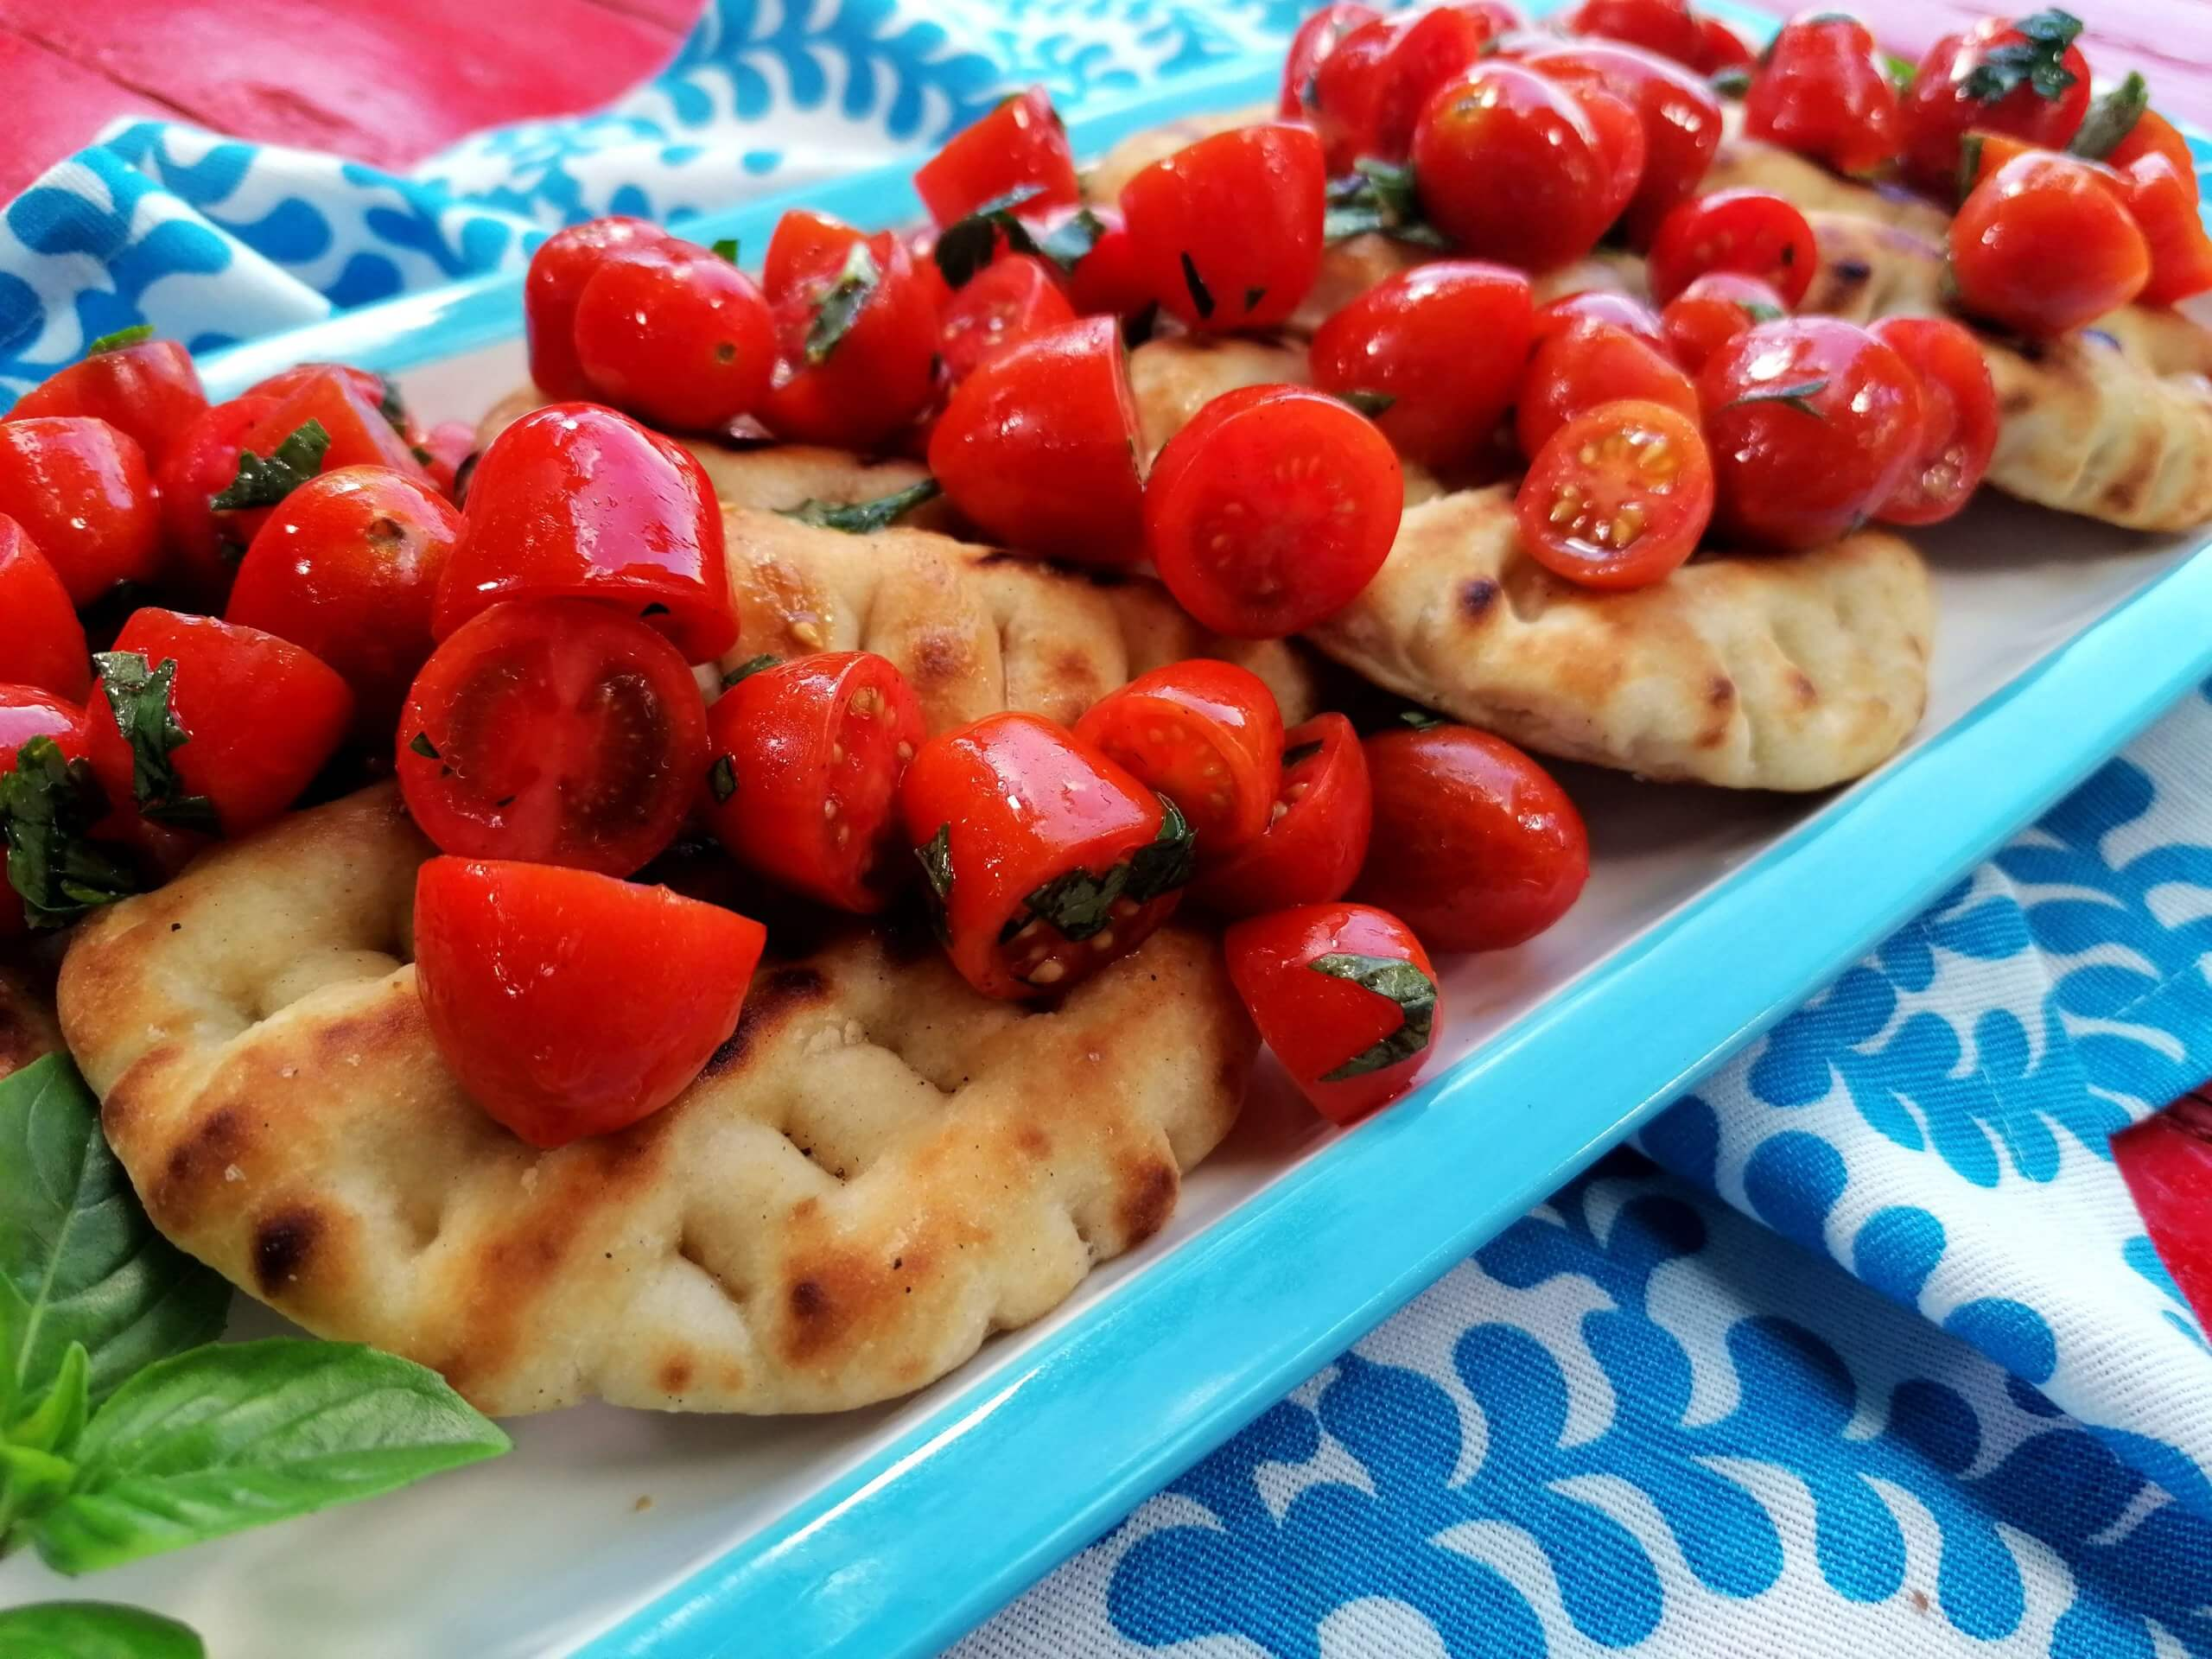 Πιτούλες με ντοματίνια & φρέσκα μυρωδικά. Δες Πως! –  (video)